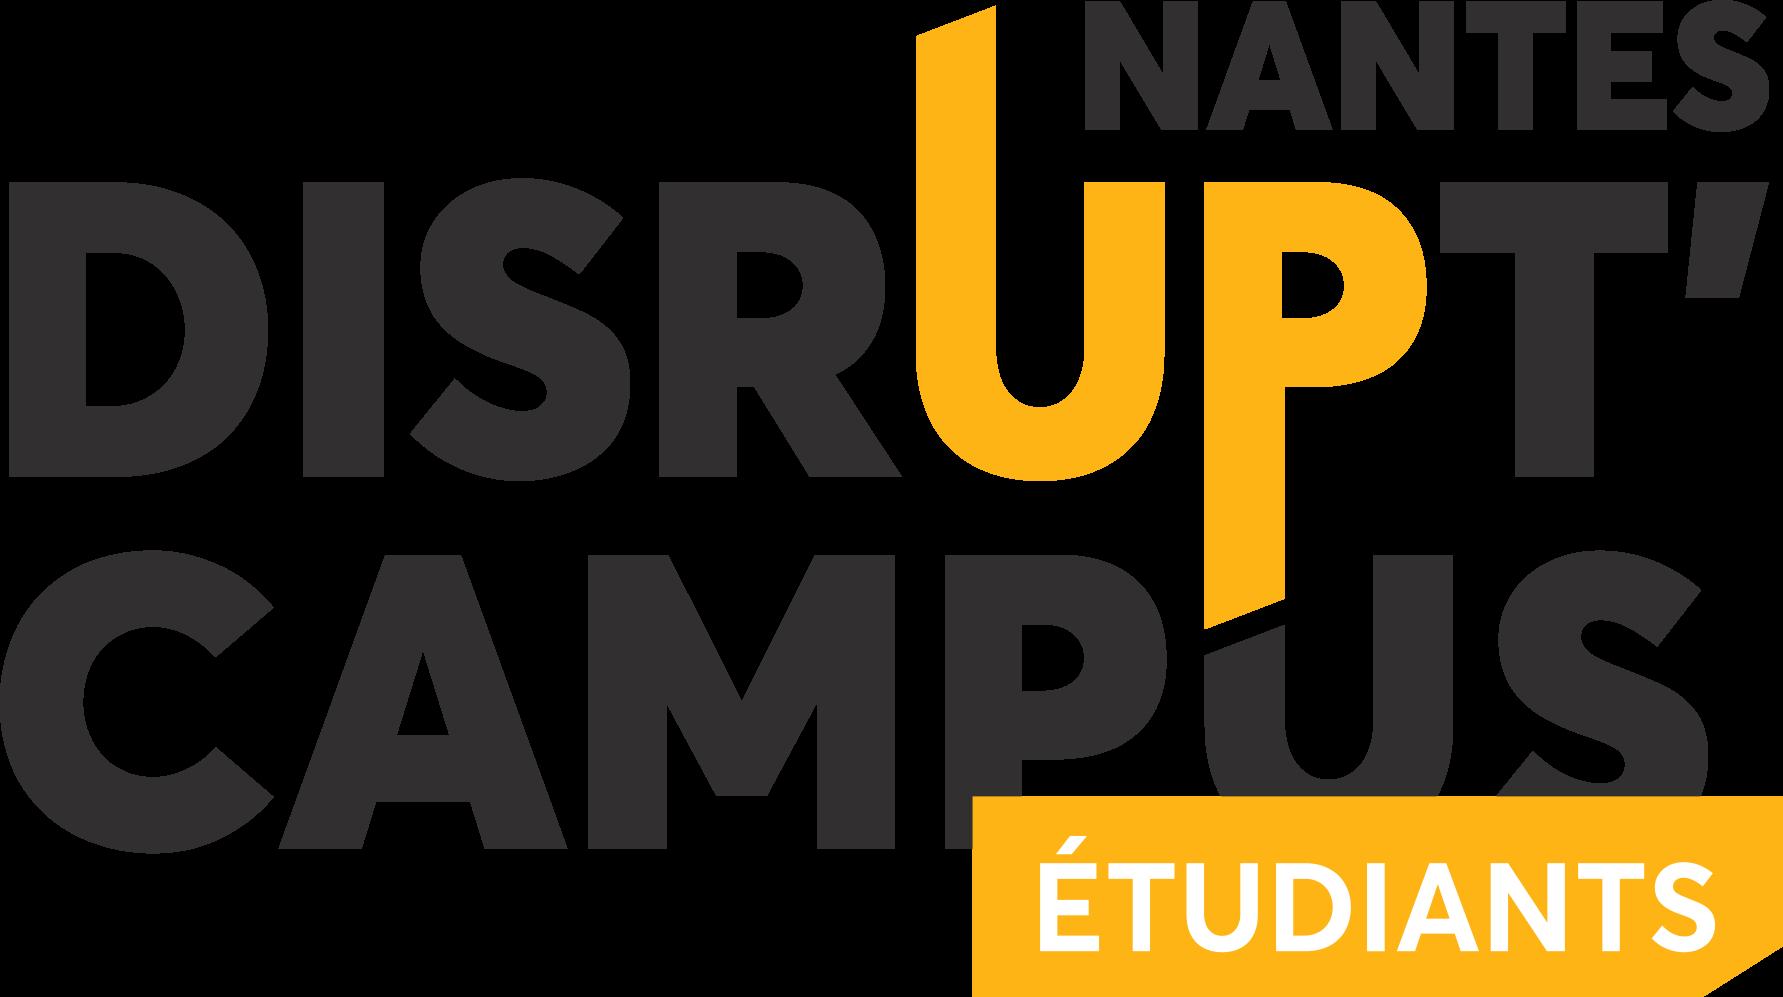 etudiants-disrupt-campus-nantes